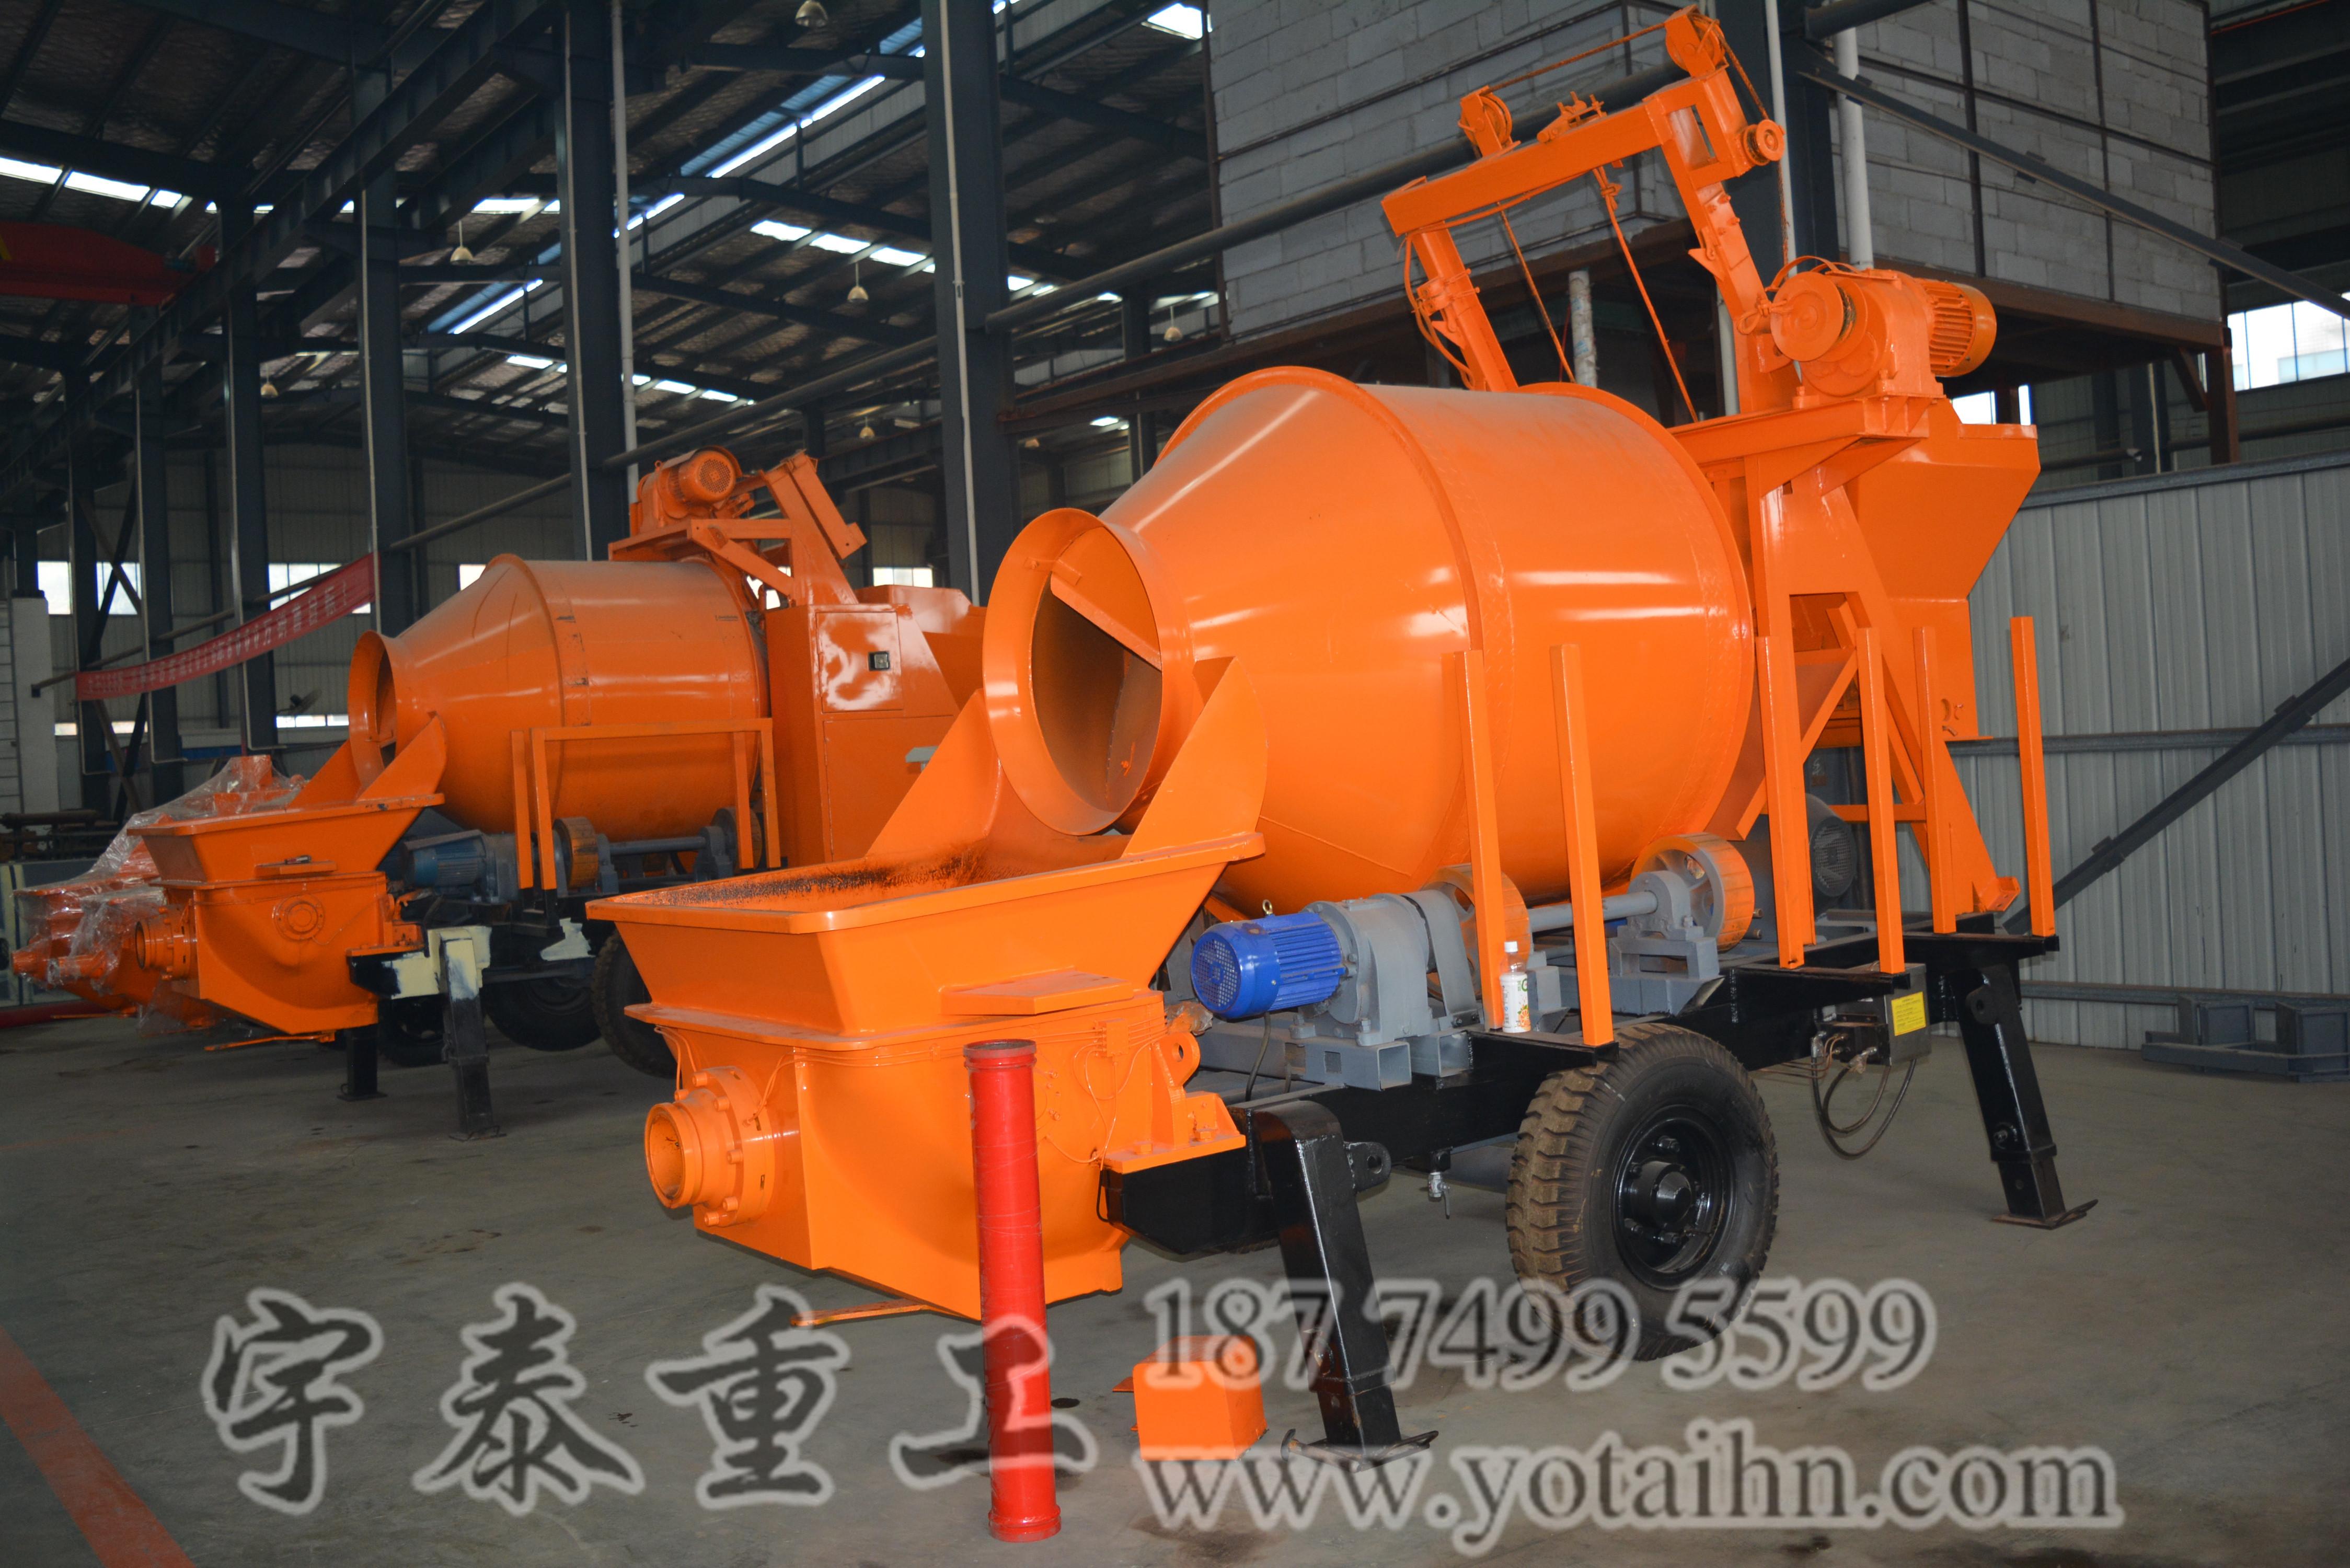 湖南宇泰重工搅拌拖泵质量好,服务优,值得信赖!